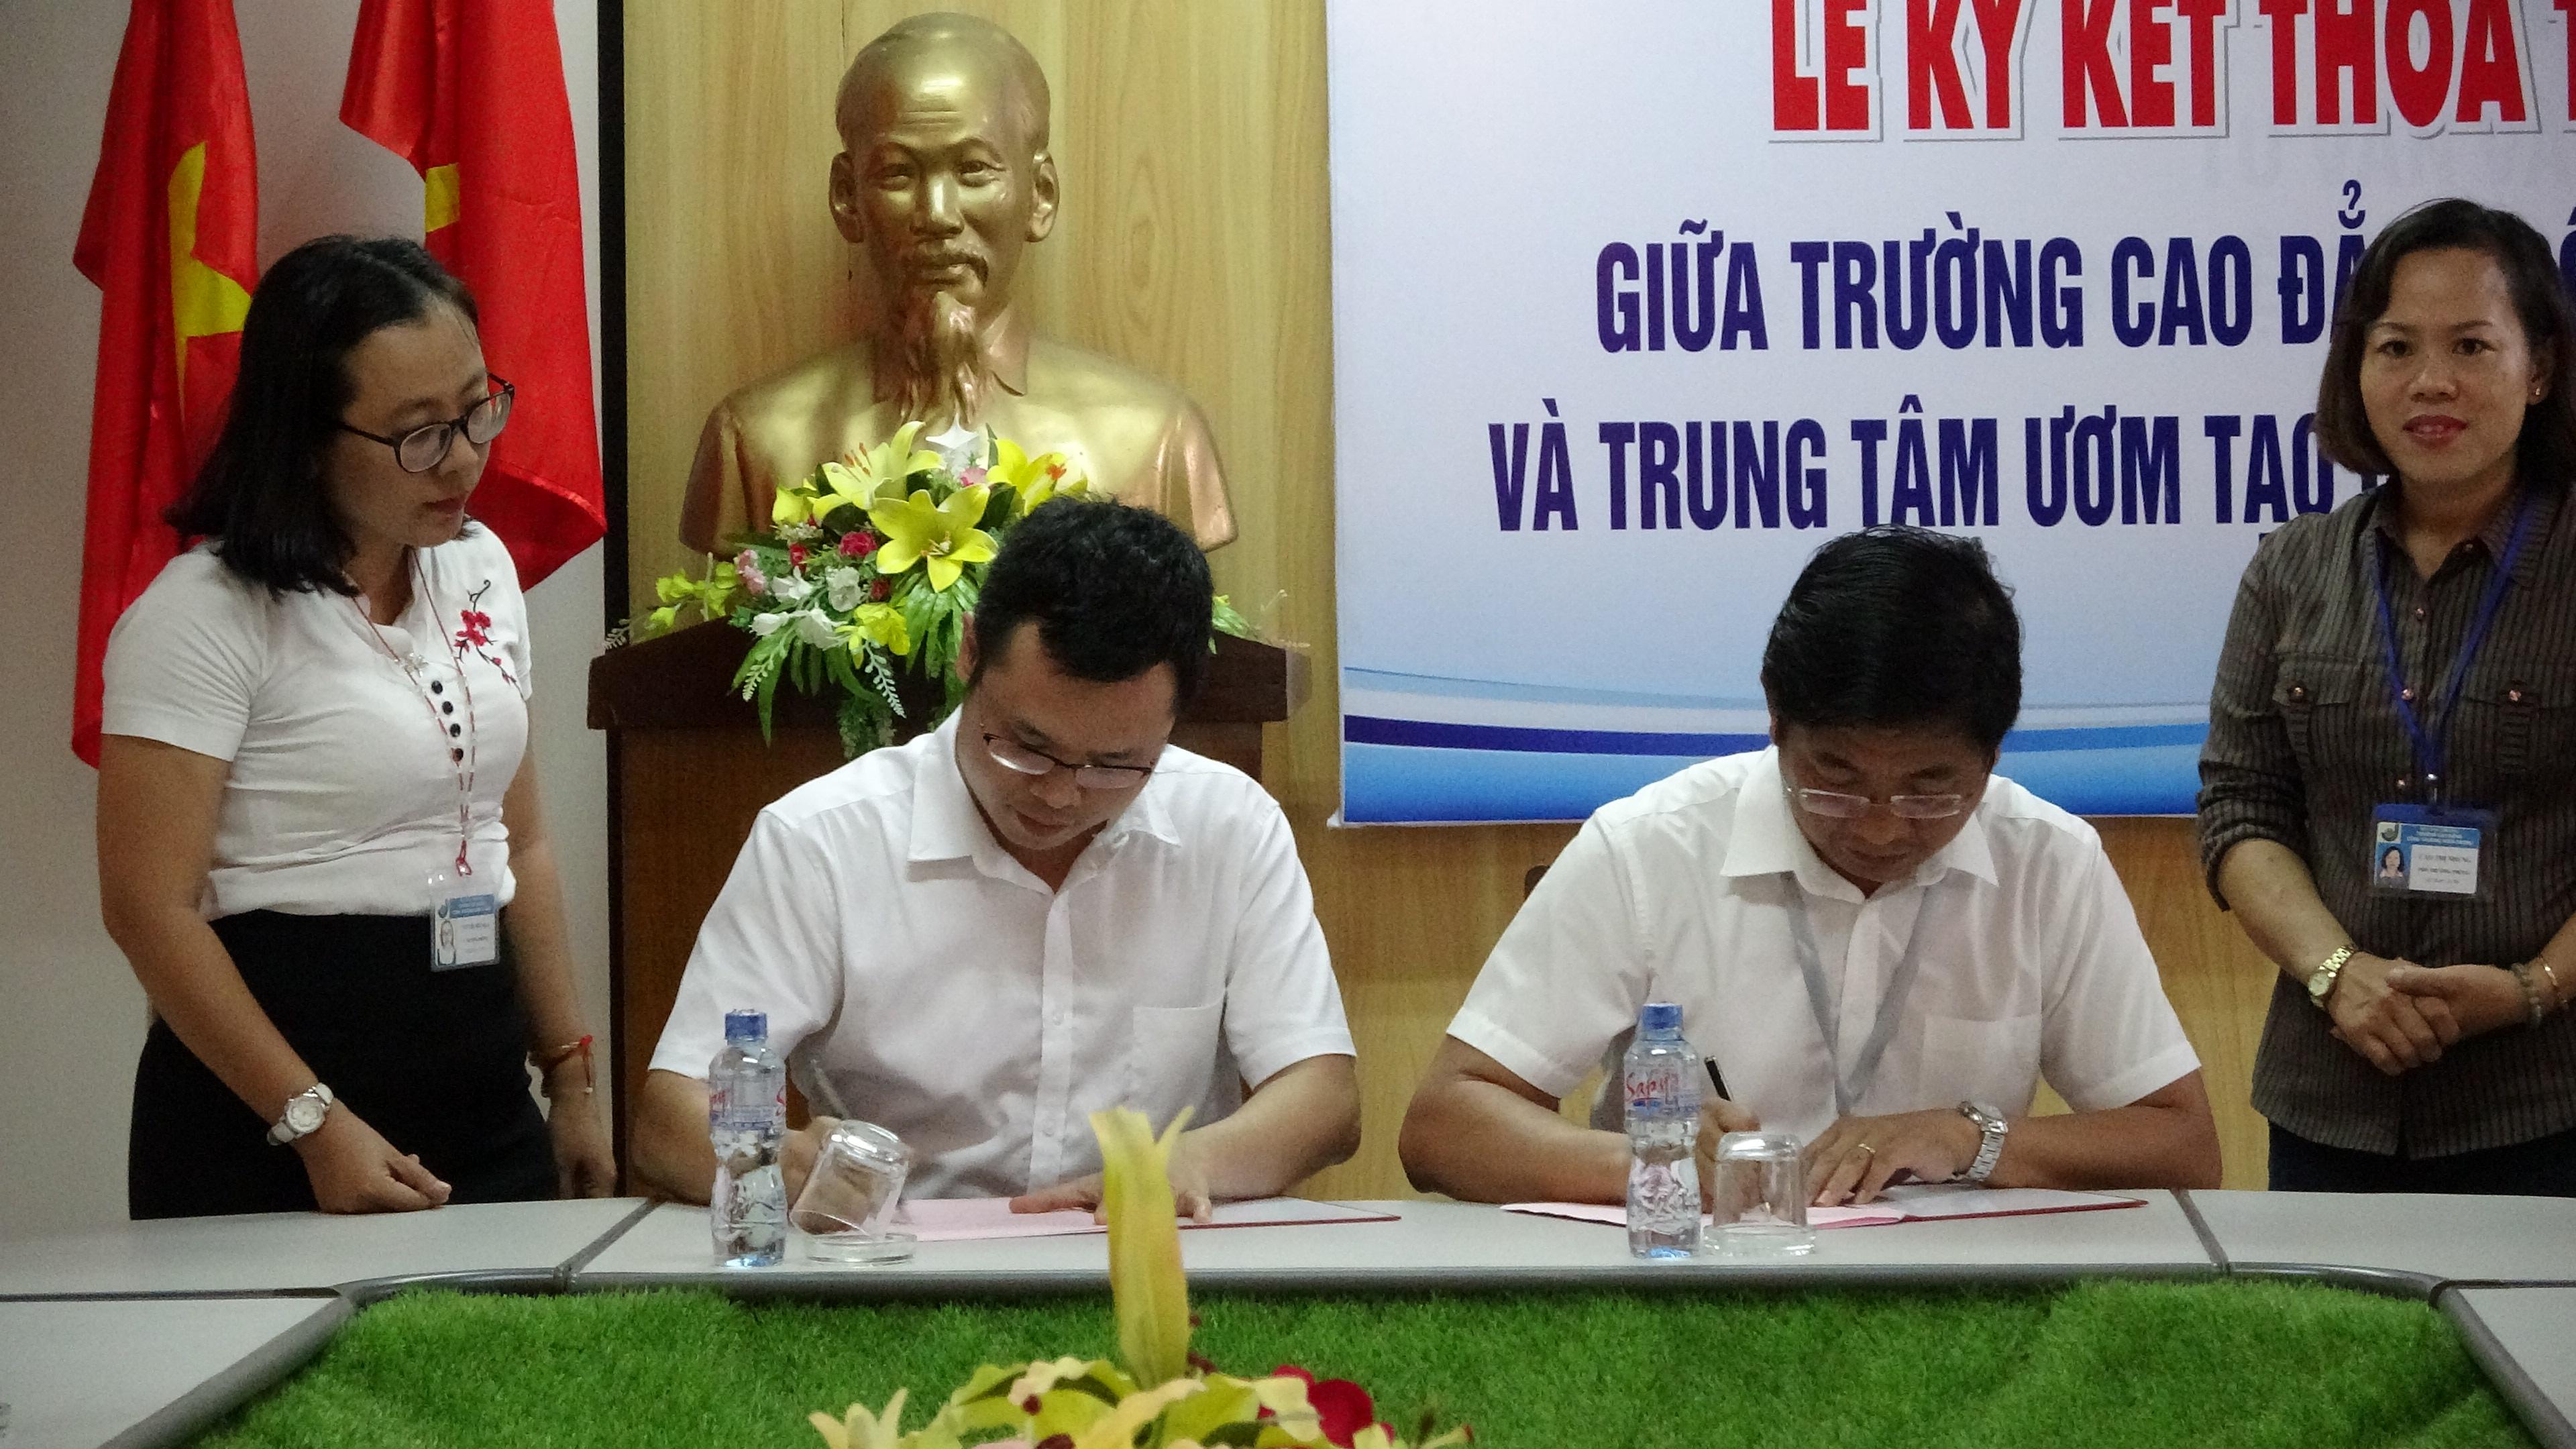 Ông Trần Vũ Tuấn Phan – Giám đốc Trung tâm và các thành viên cùng đoàn.